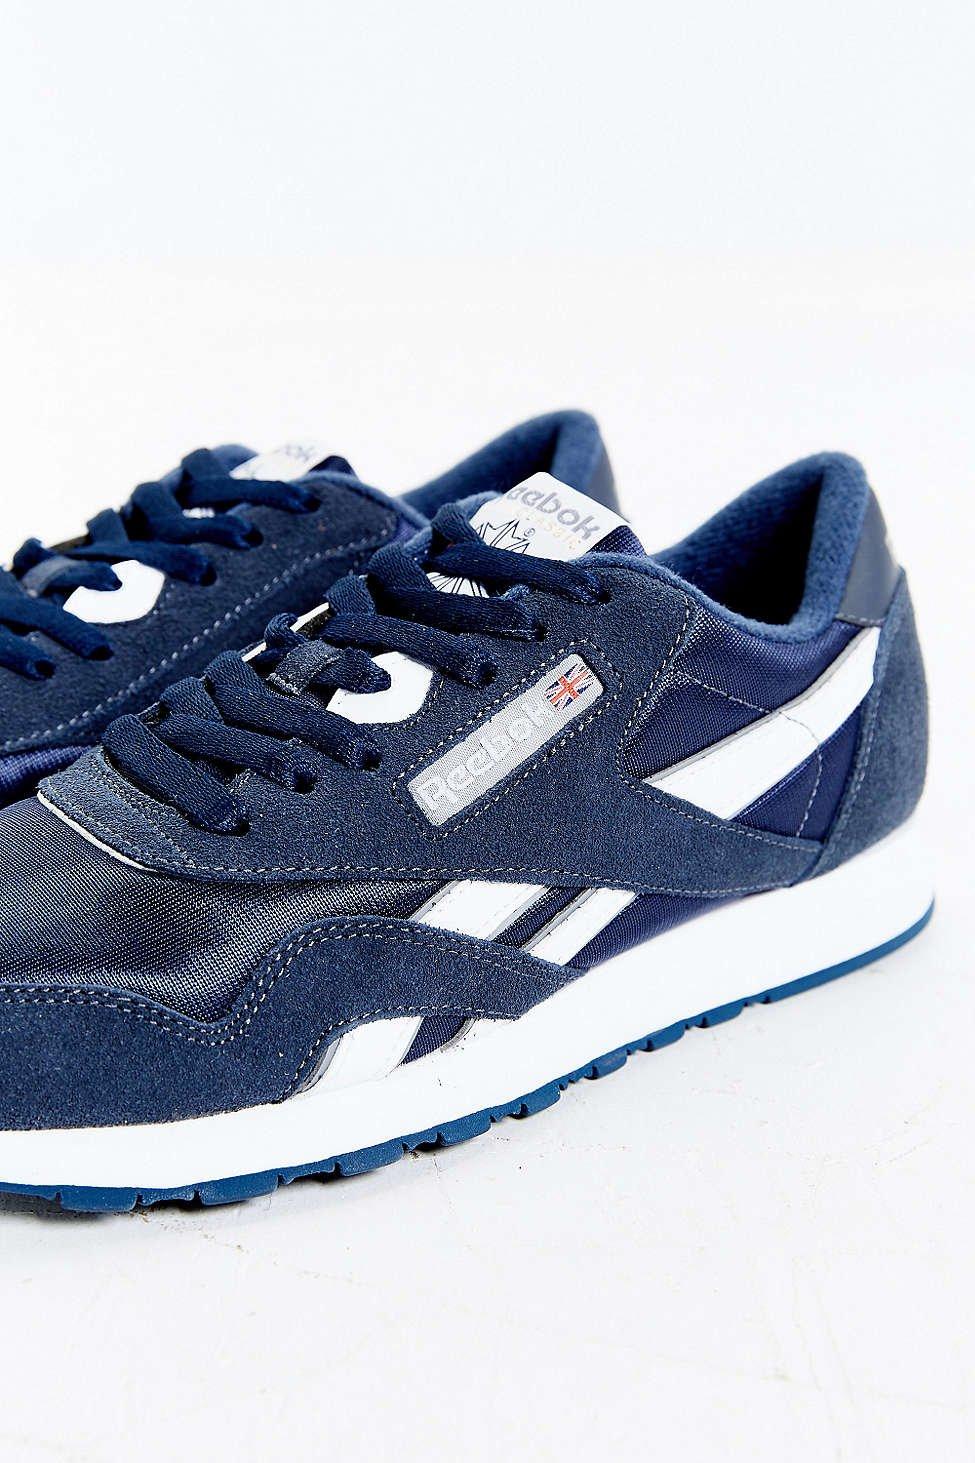 76246d01d549 Lyst - Reebok Classic Nylon Sneaker in Blue for Men